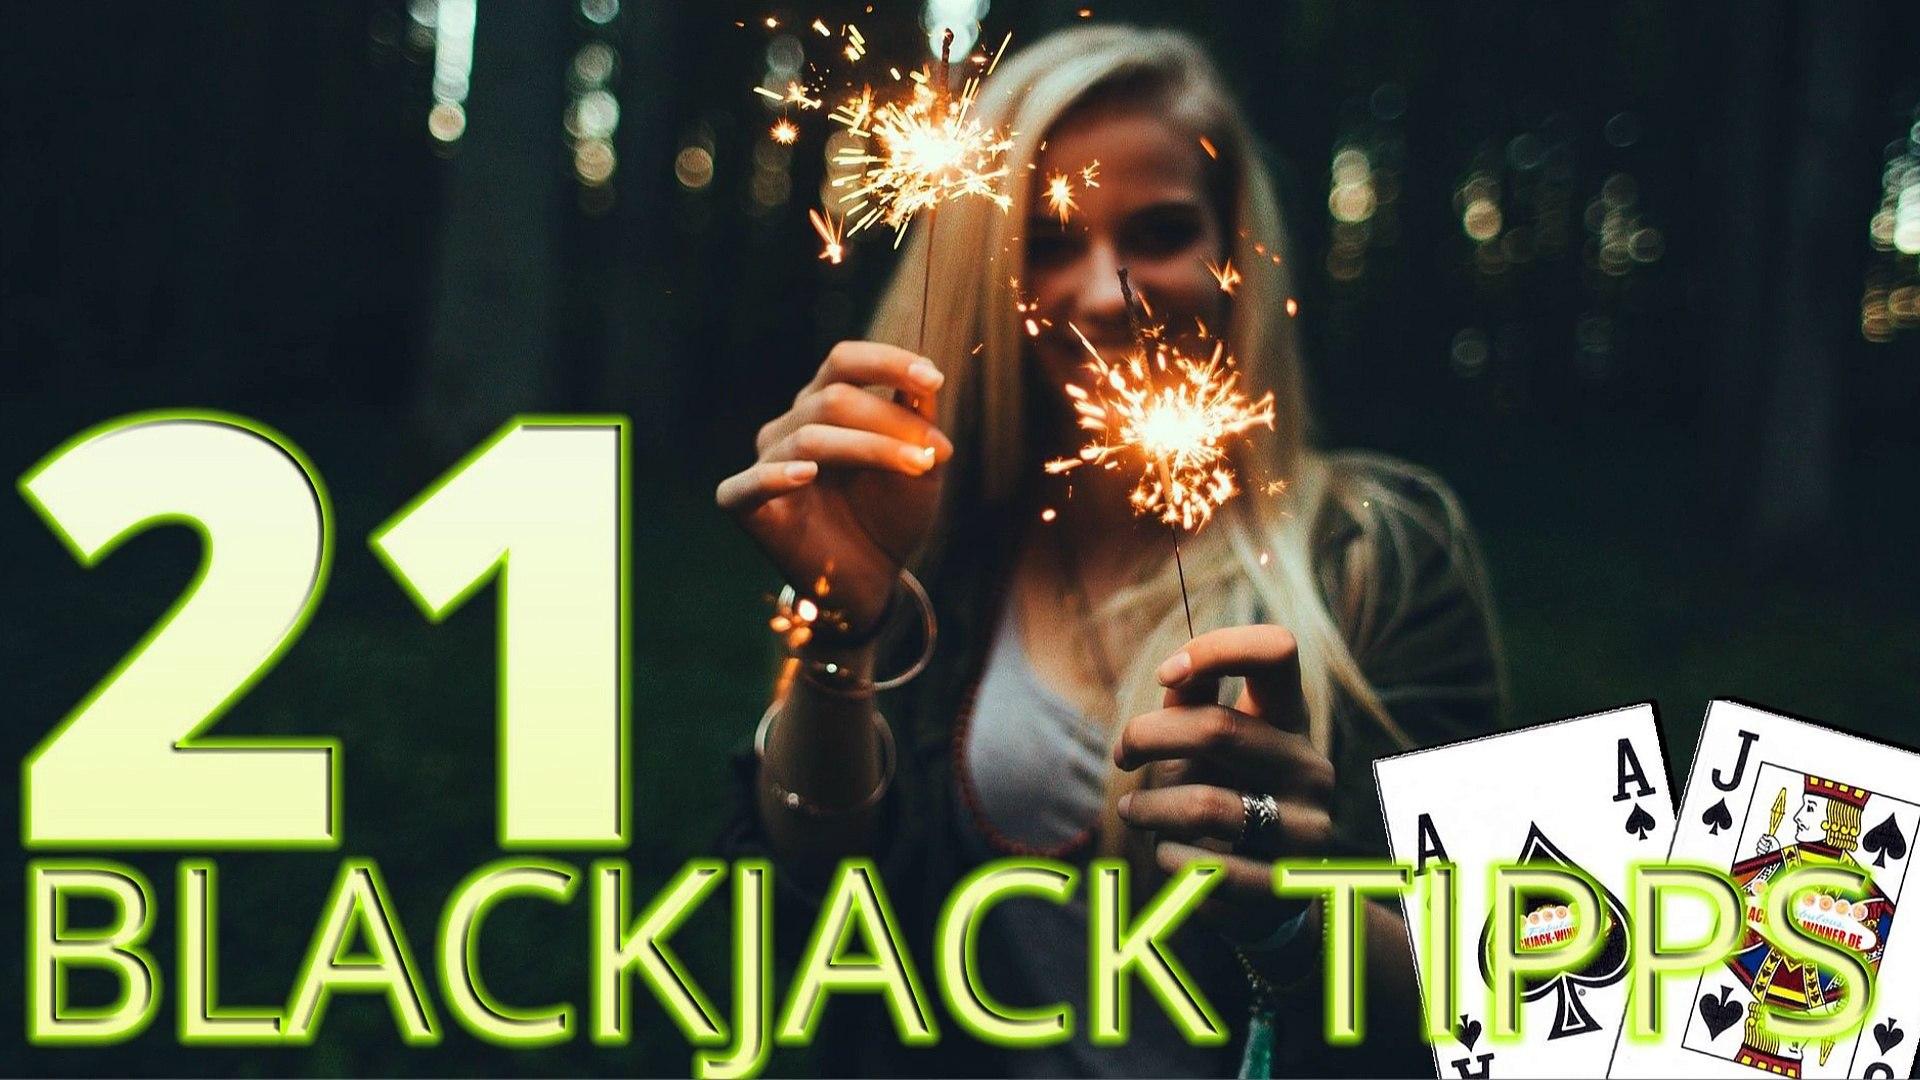 21 wertvolle Blackjack Tipps - #01: Blackjack Regeln einfach erklärt